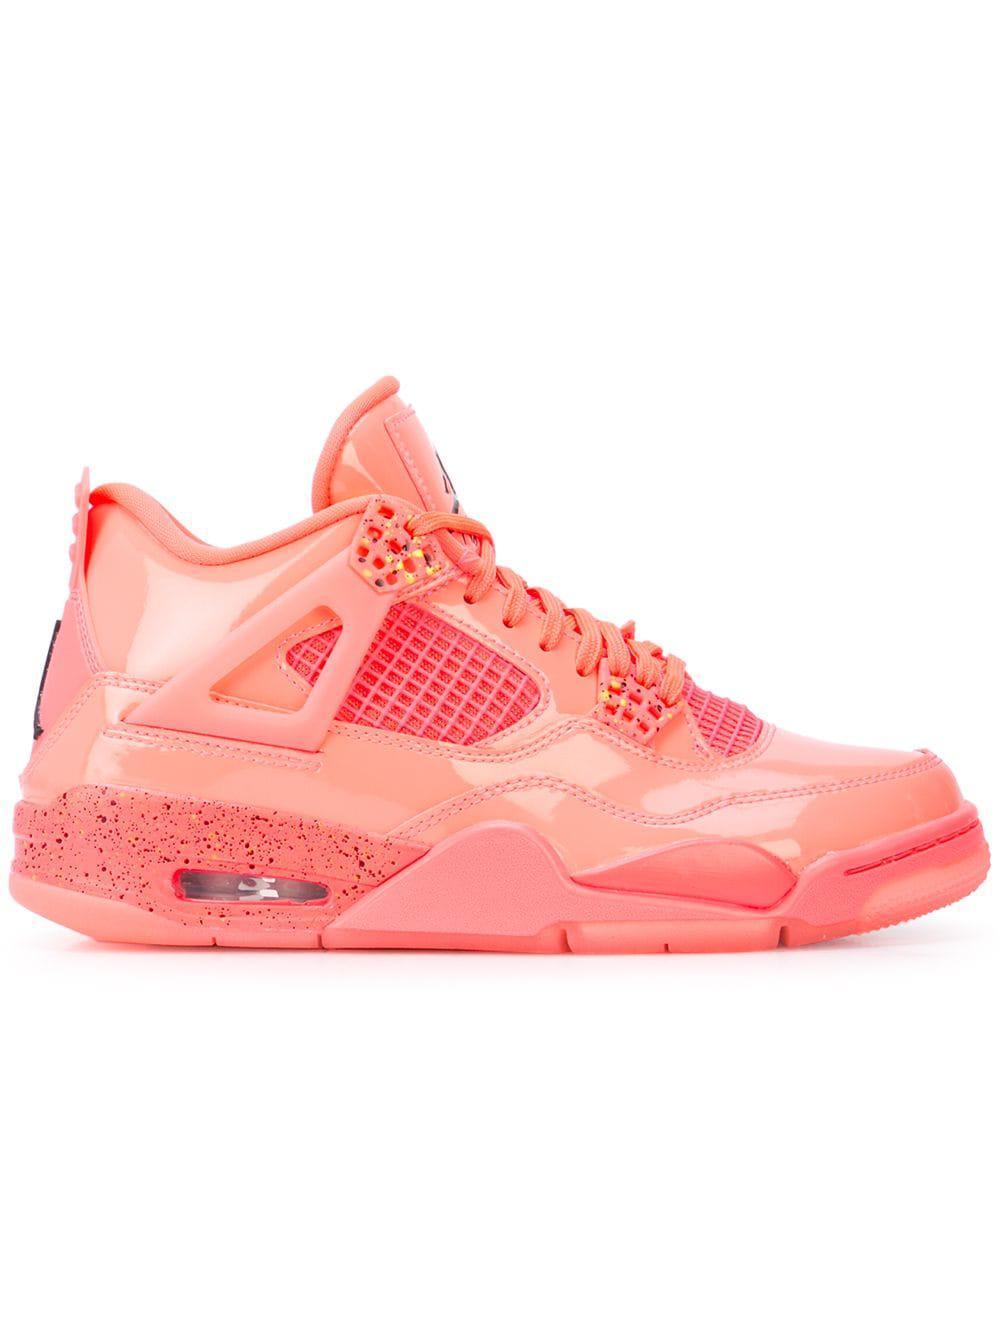 half off 250f4 7a608 Nike Air Jordan 4 Sneakers - Pink